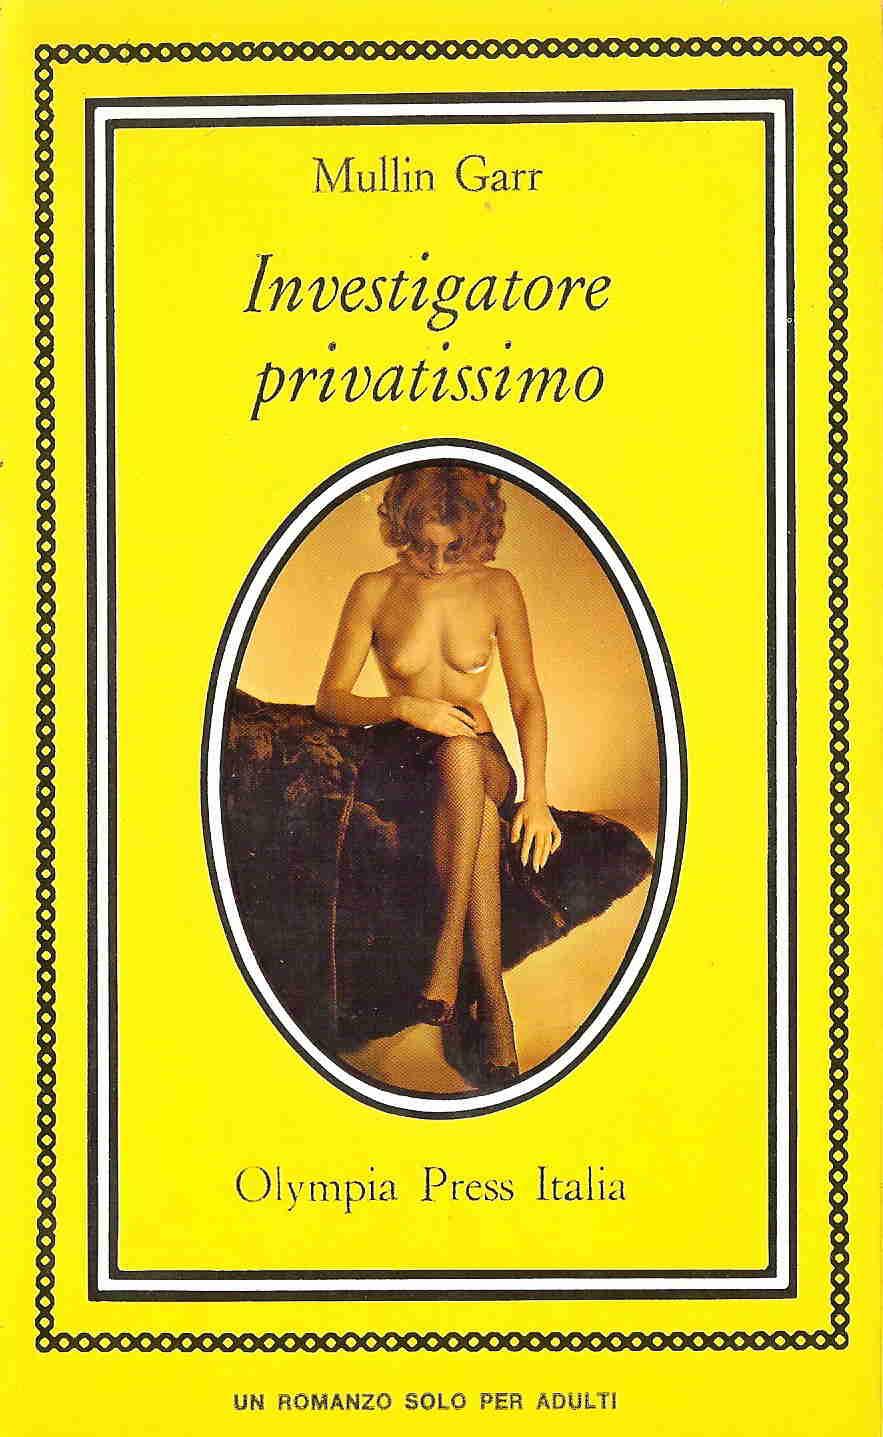 Investigatore privatissimo